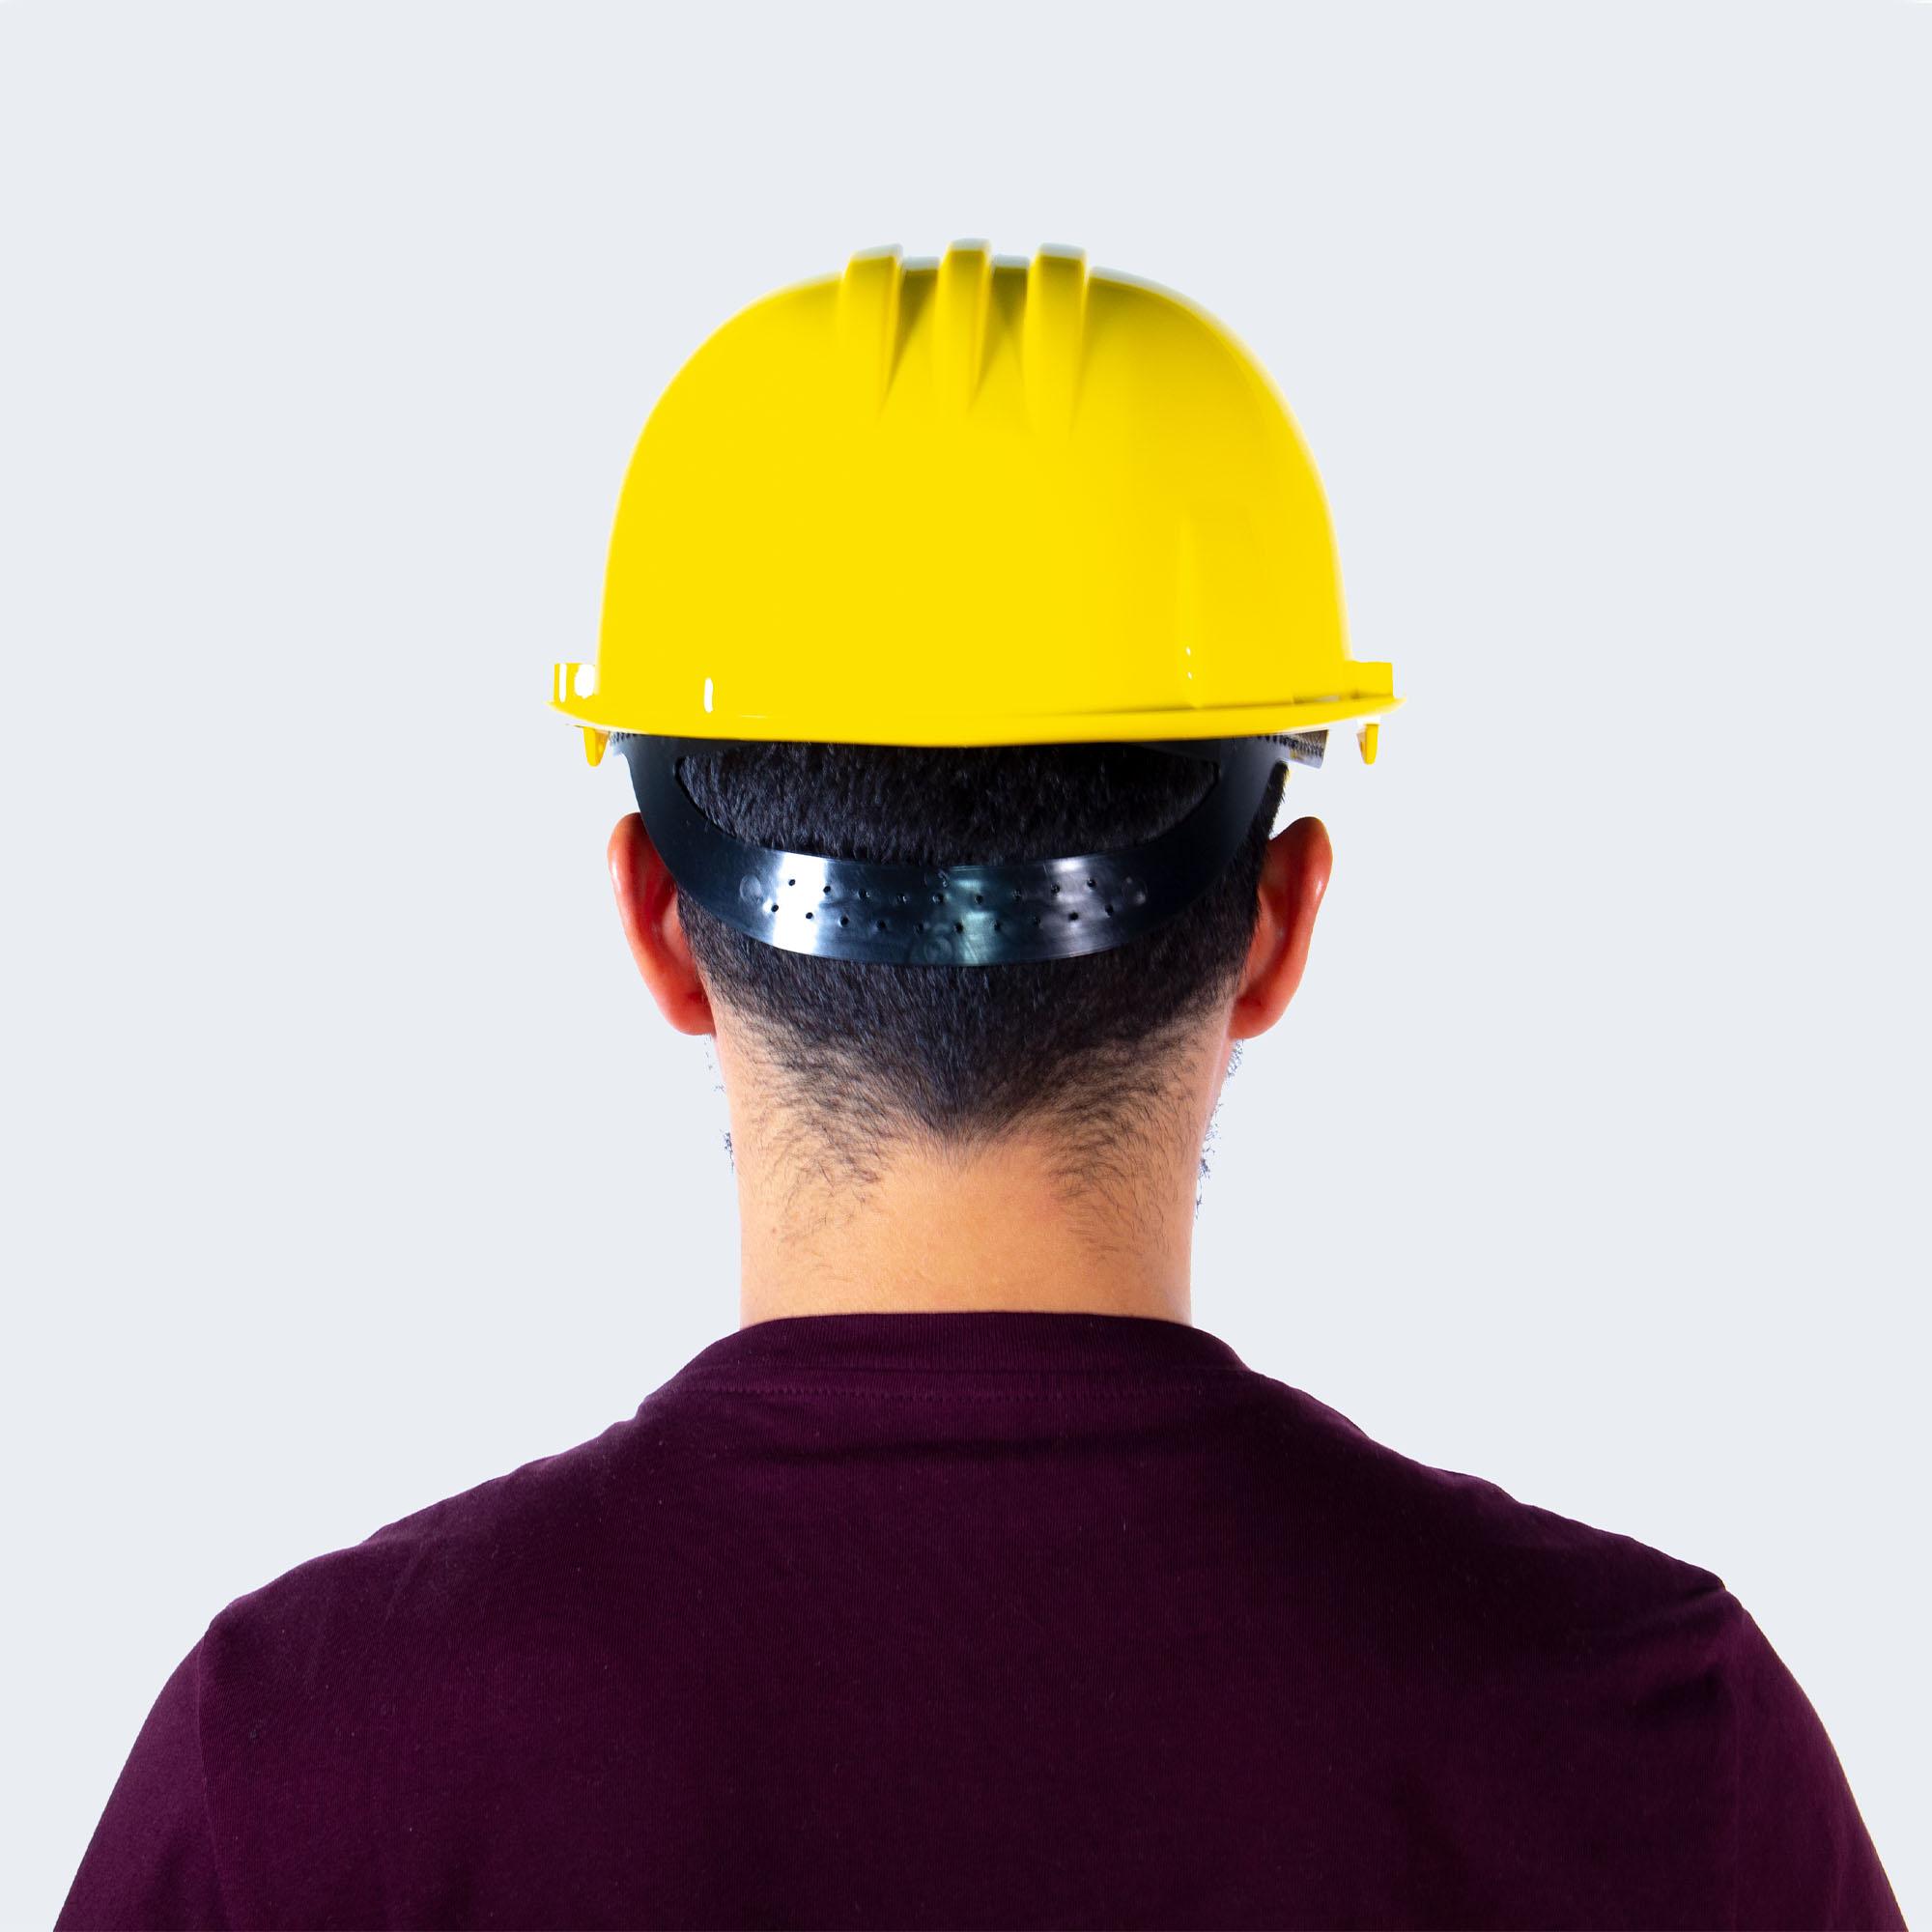 casco mundial amarillo